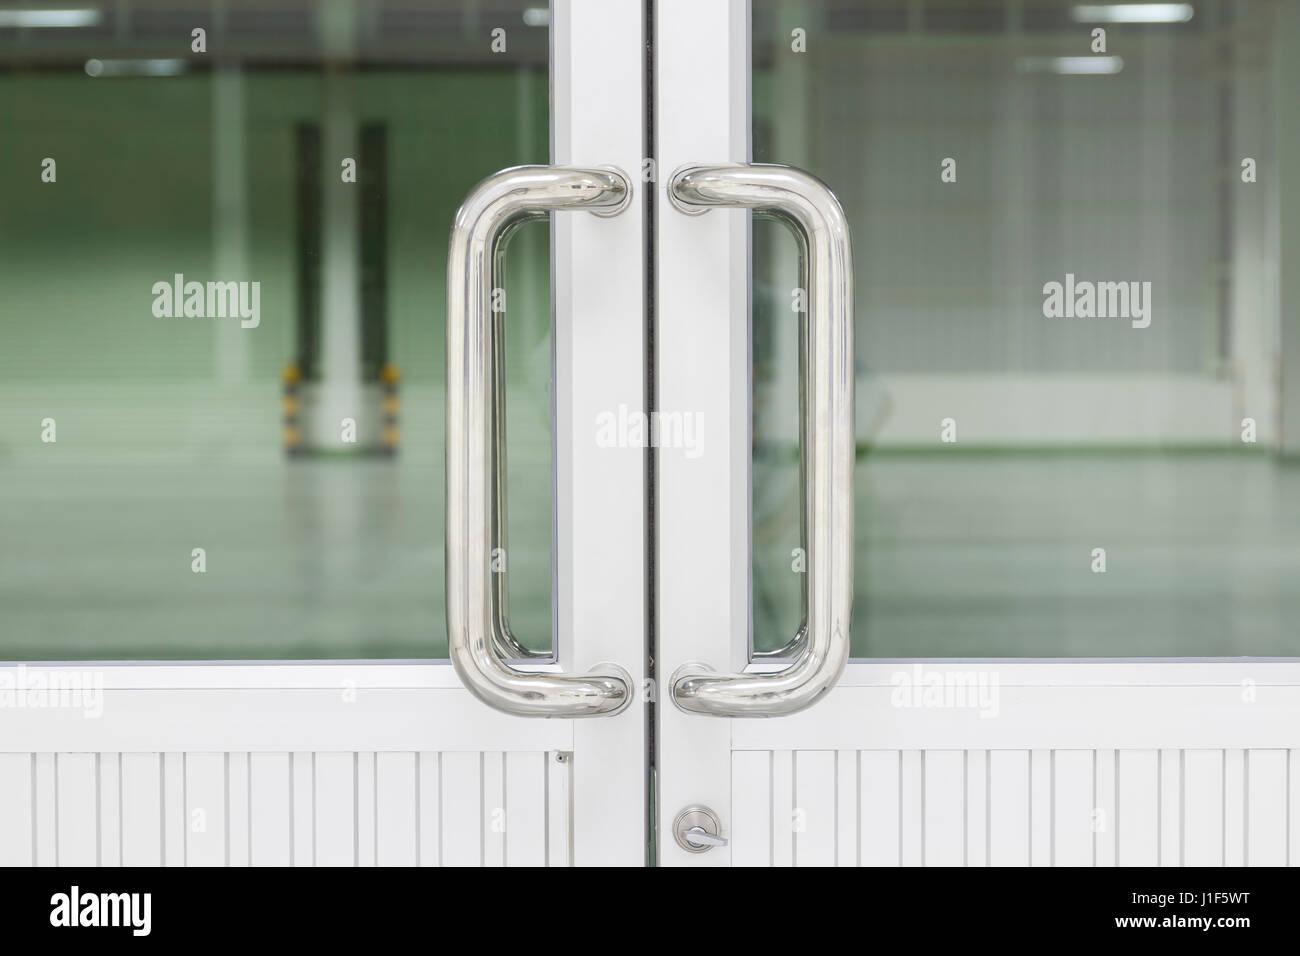 Chrome door handle and glass of aluminium door inside building. - Stock Image